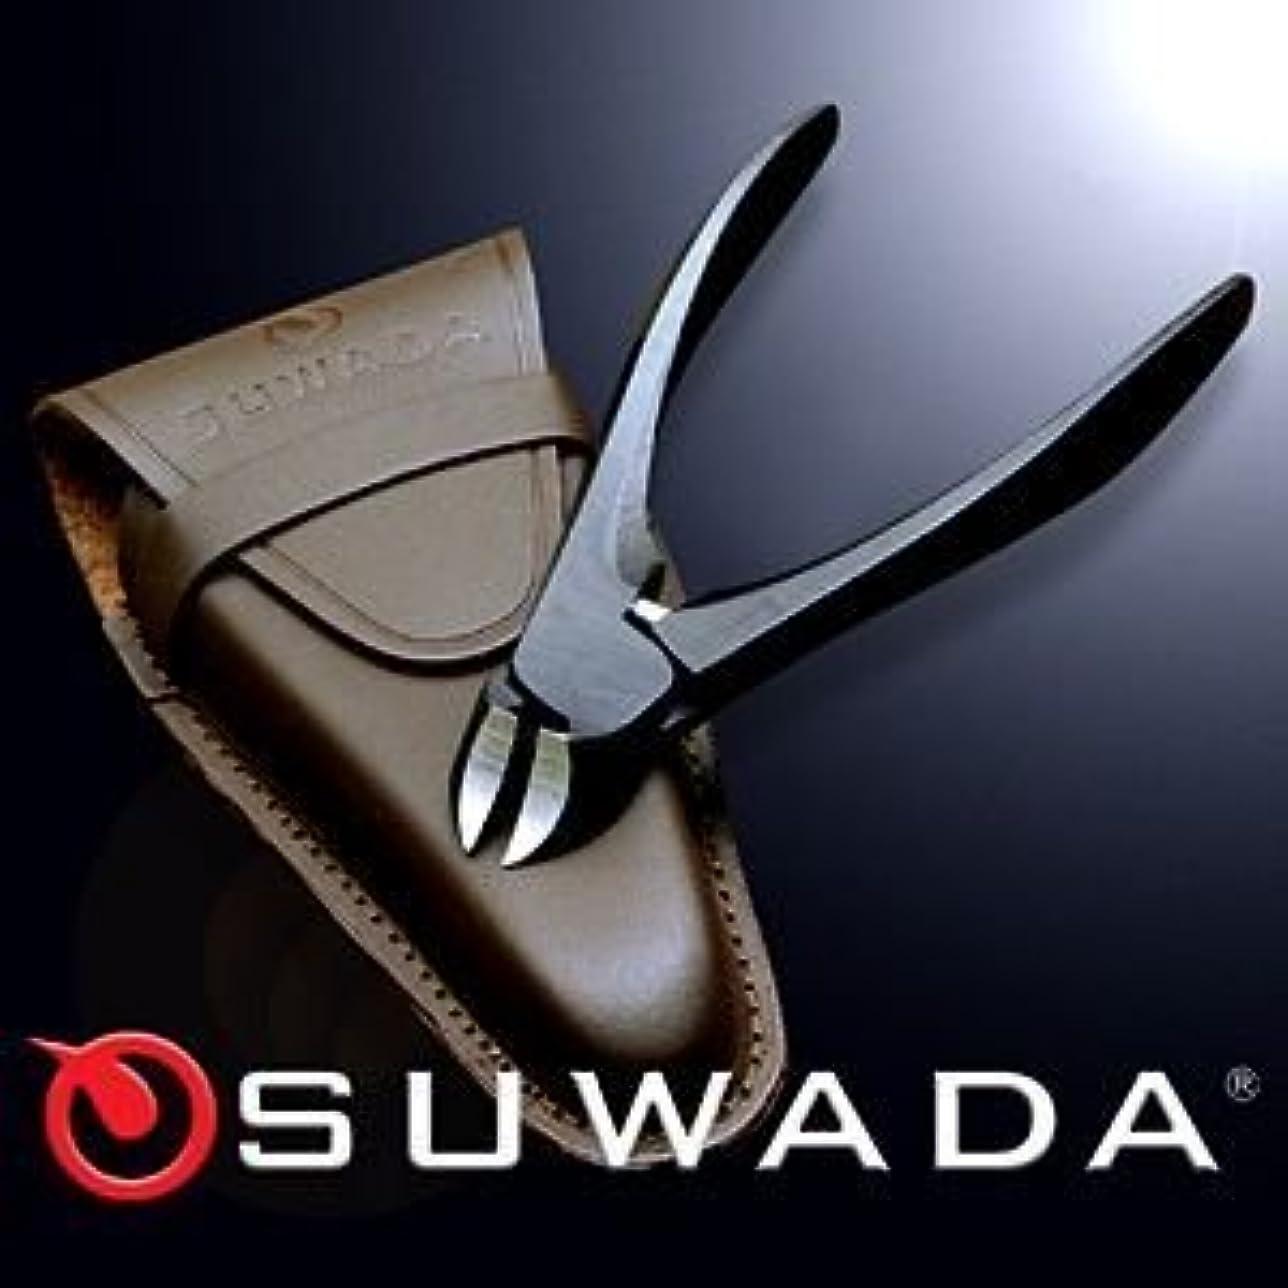 正しく服を洗うピンSUWADA爪切りブラックL&革ケースセット 特注モデル 諏訪田製作所製 スワダの爪切り